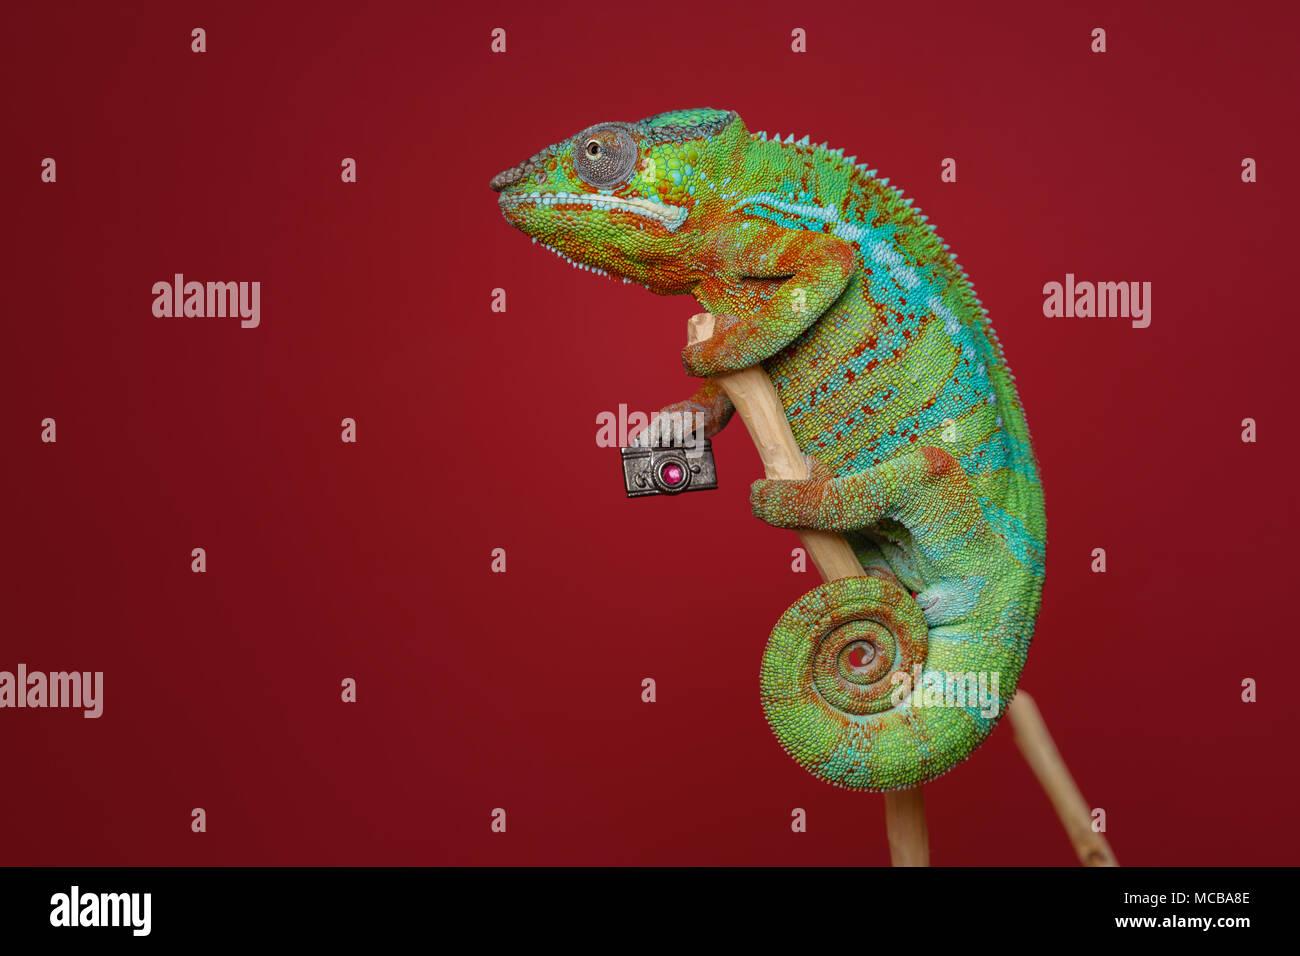 Lebendig chameleon Reptile Holding kleine Foto Kamera sitzen auf Zweig. Studio shot über den roten Hintergrund. kopieren. Stockbild